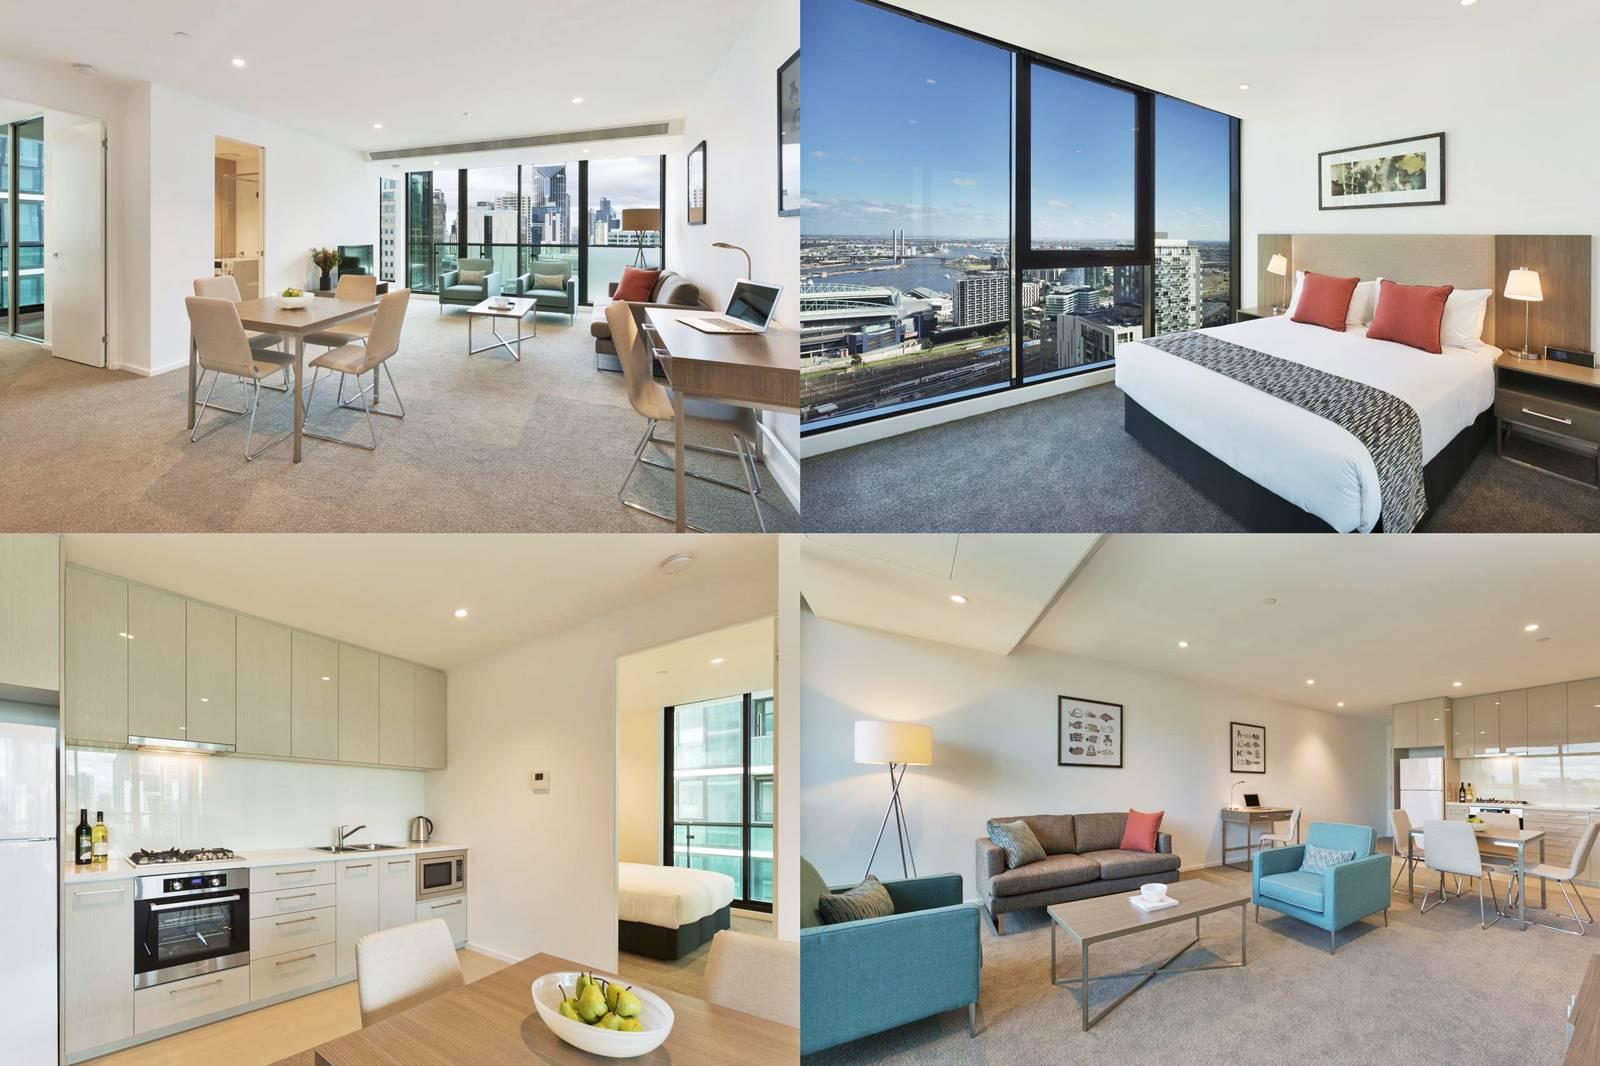 墨爾本-住宿-推薦-City Tempo-墨爾本飯店-墨爾本酒店-墨爾本公寓-墨爾本民宿-墨爾本旅館-墨爾本酒店-必住-Melbourne-Hotel